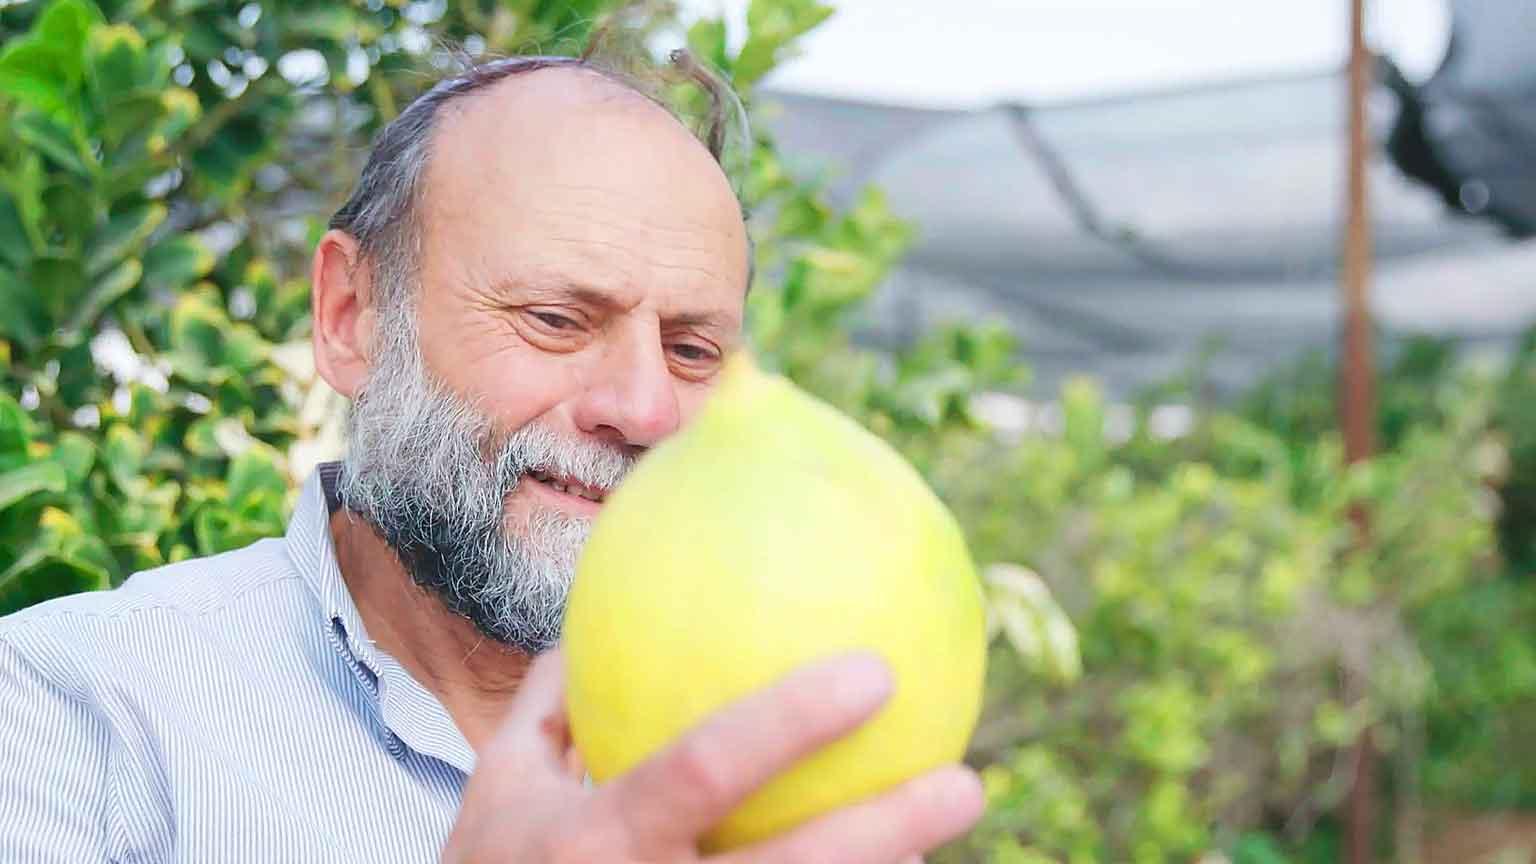 Karg ist der Negev, fruchtbar und grün - Teil 2